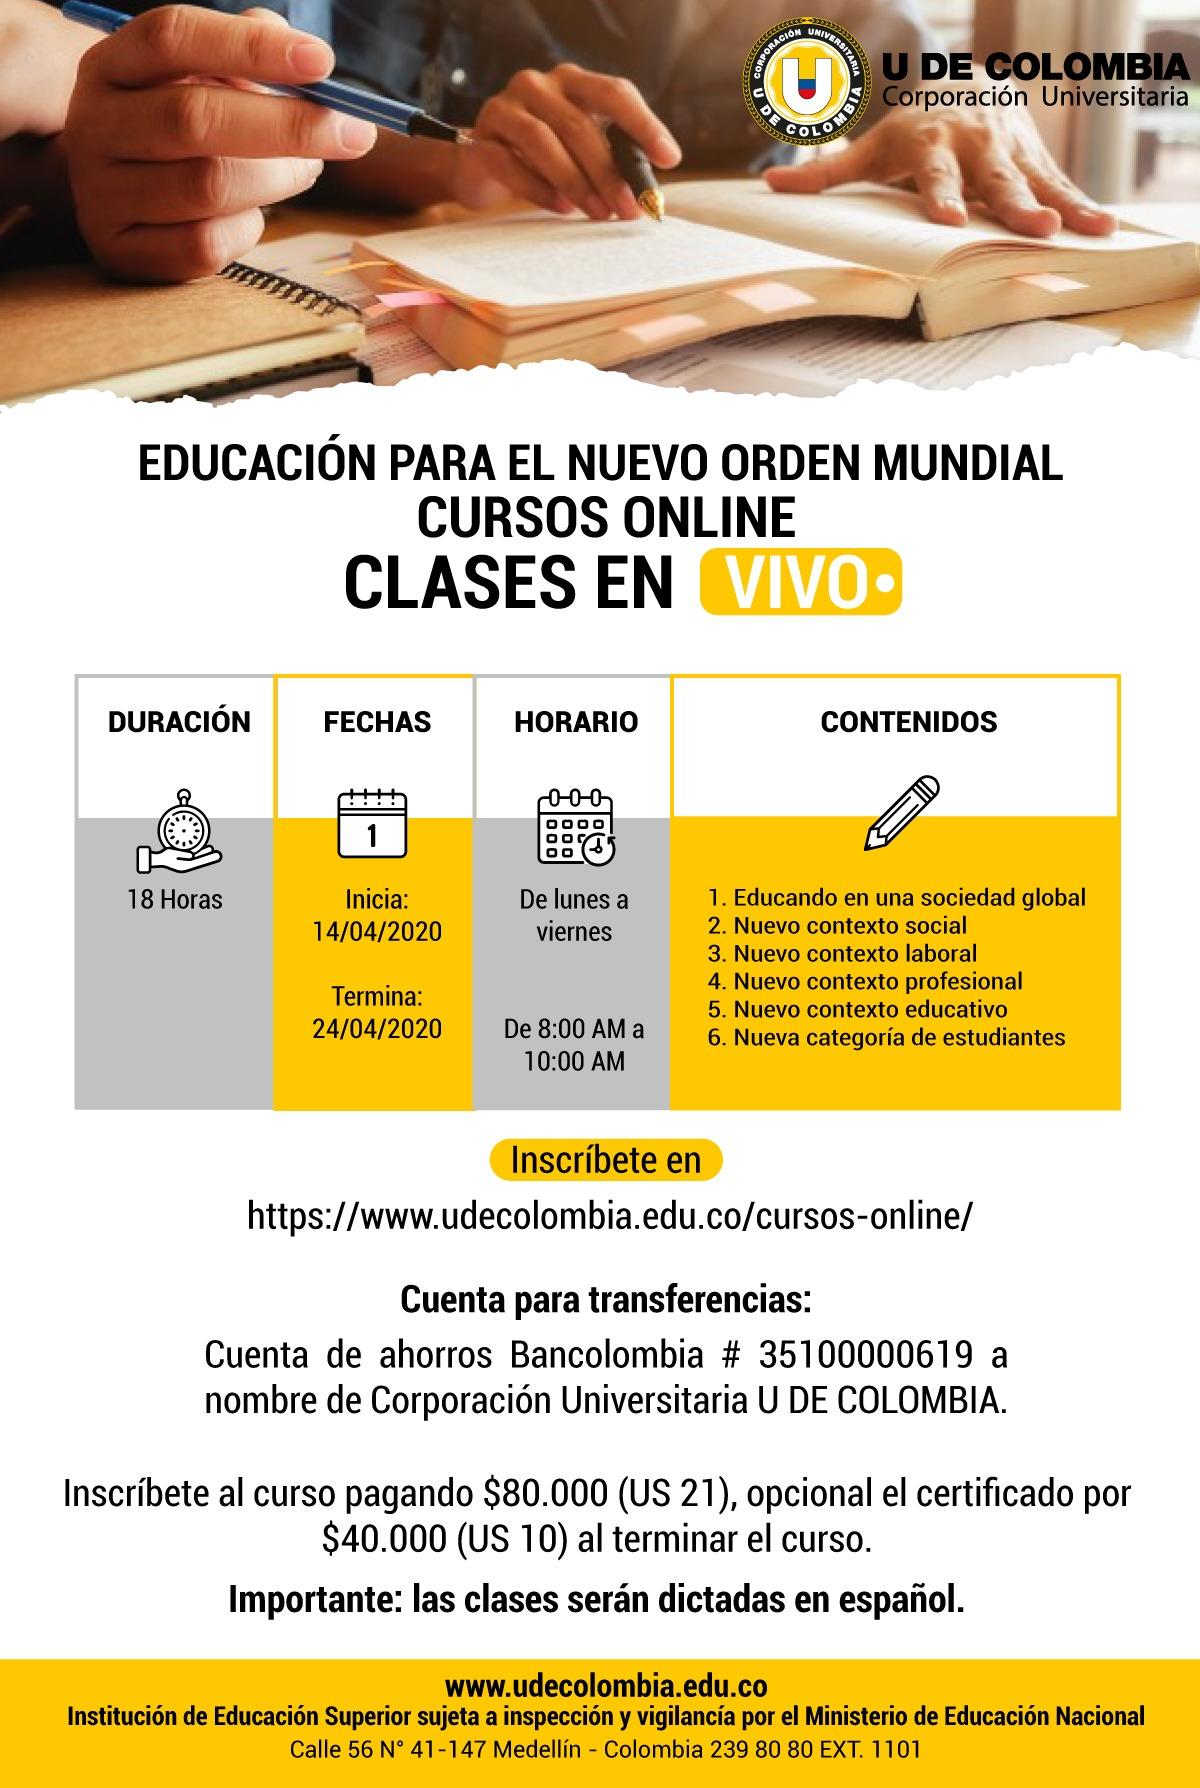 EDUCACION PARA EL NUEVO ORDEN MUNDIAL